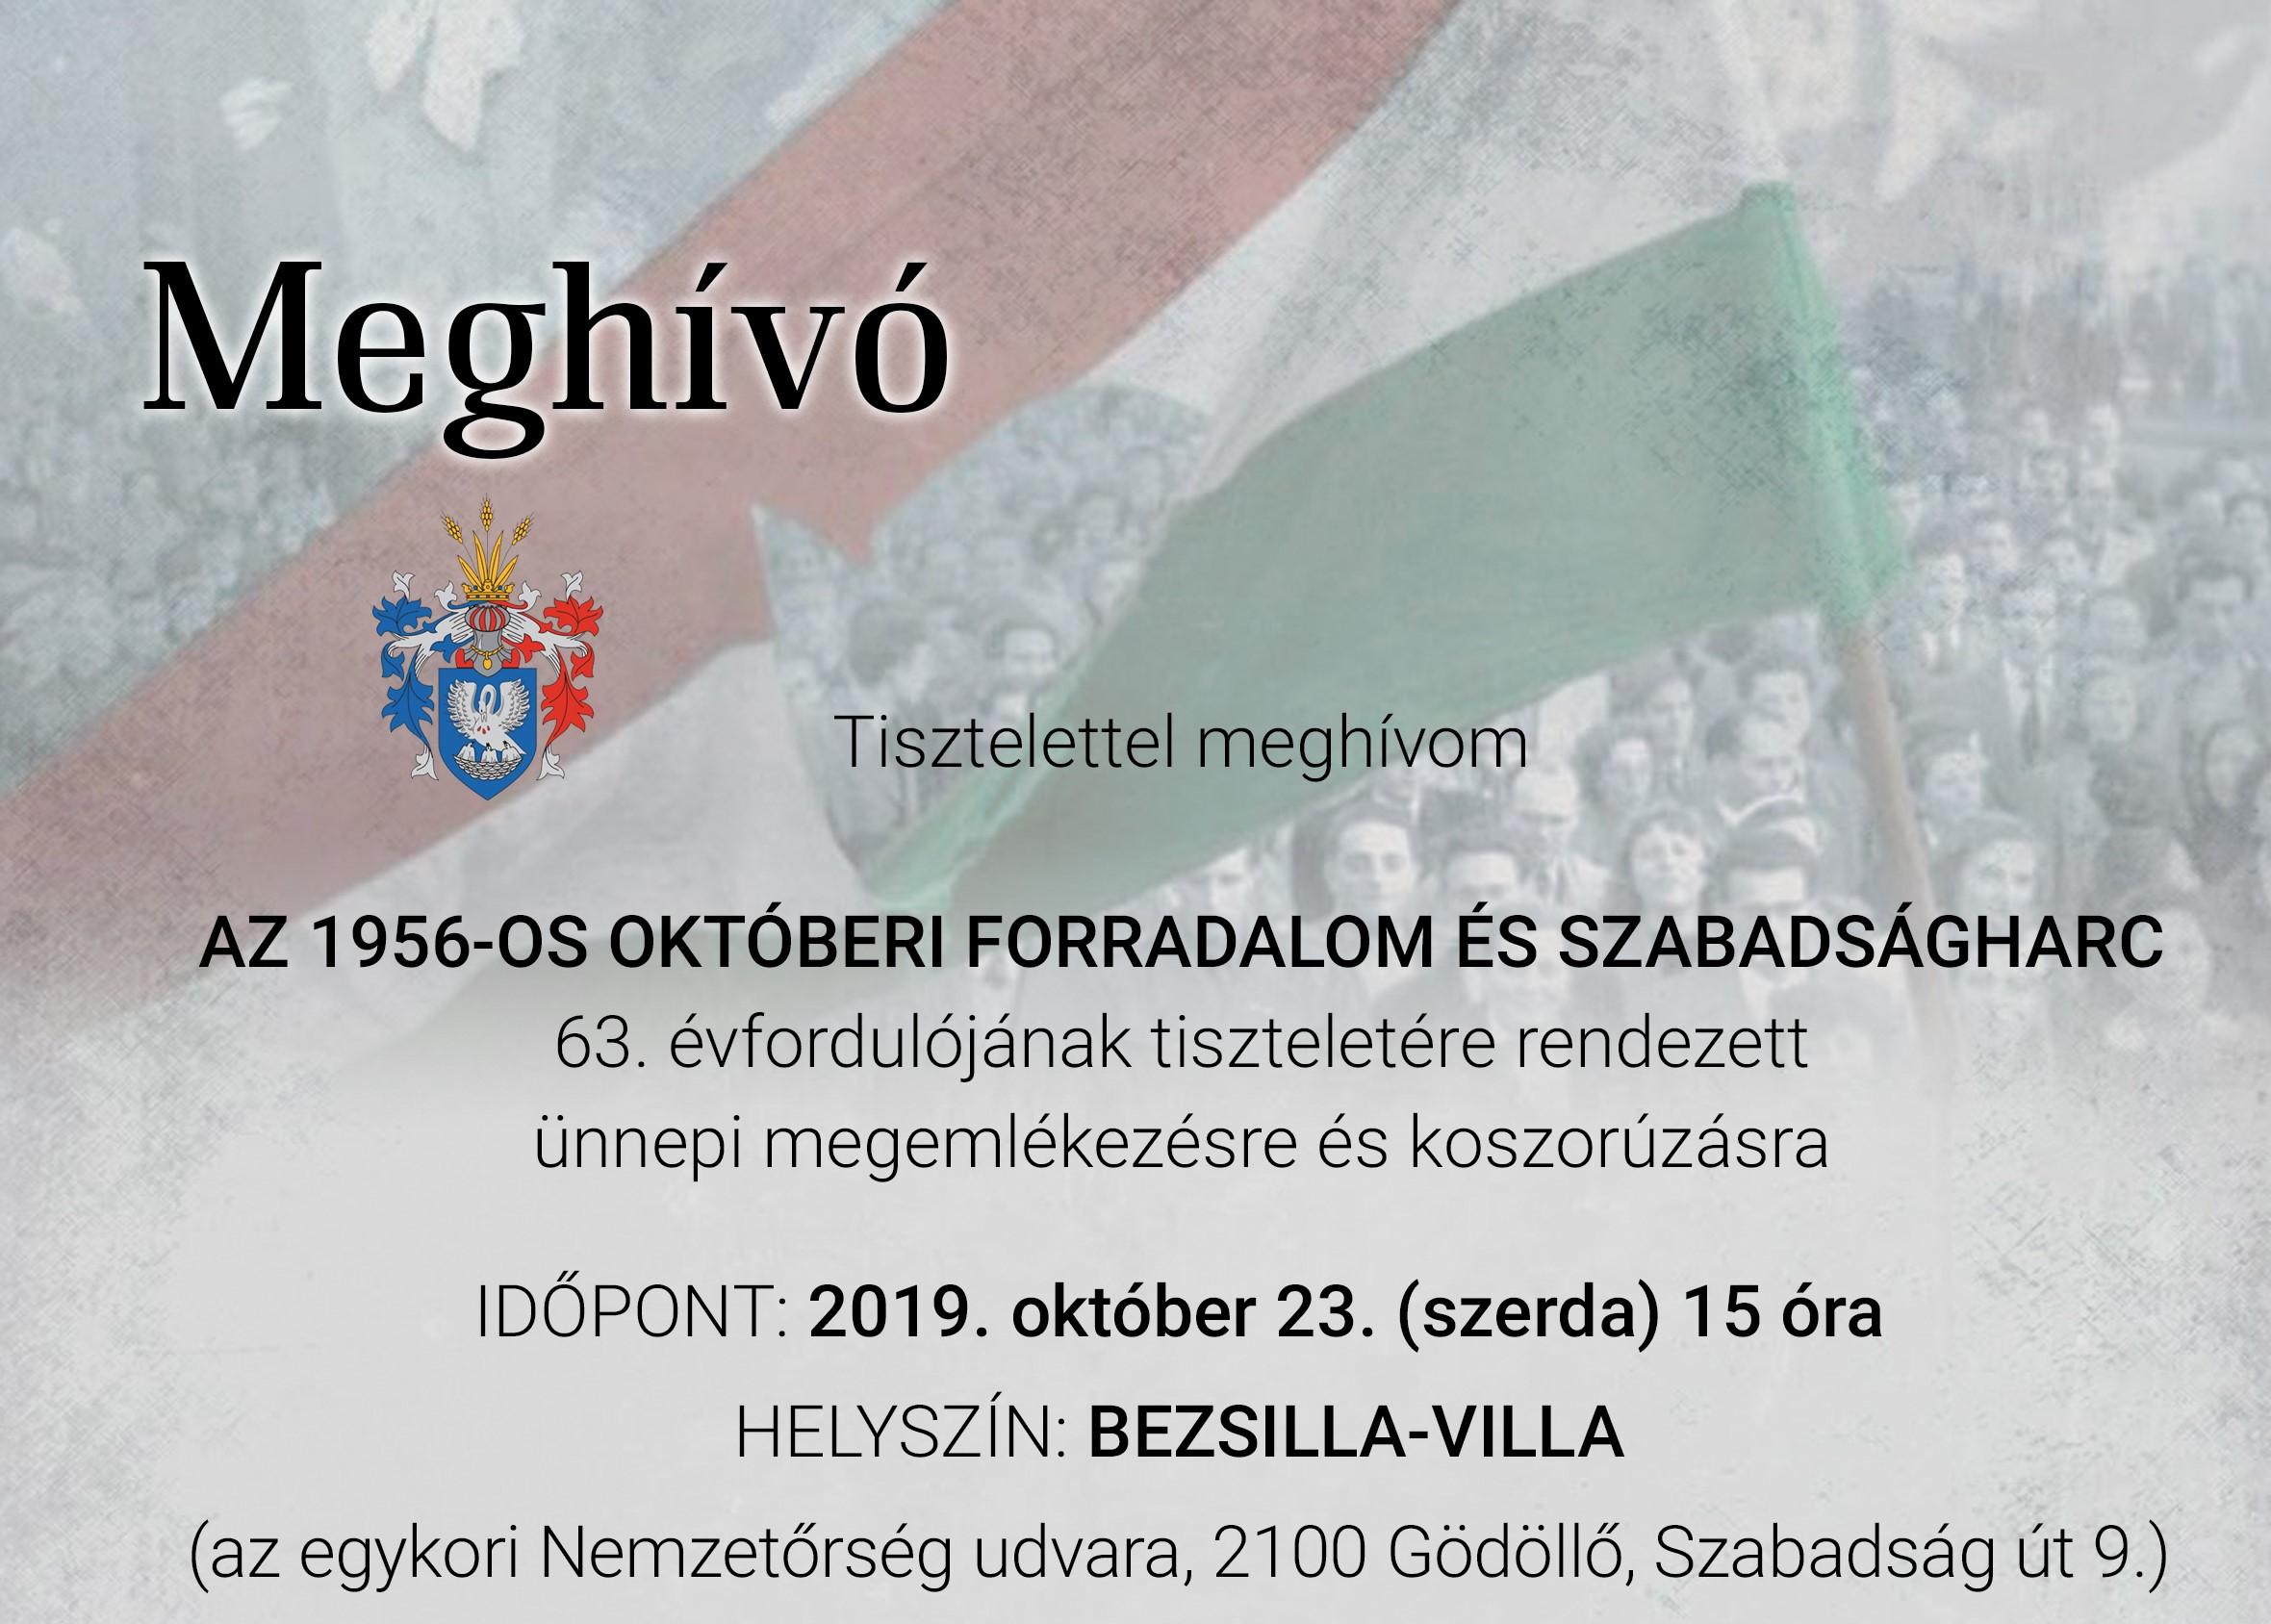 Meghívó az október 23-ai ünnepi megemlékezésre